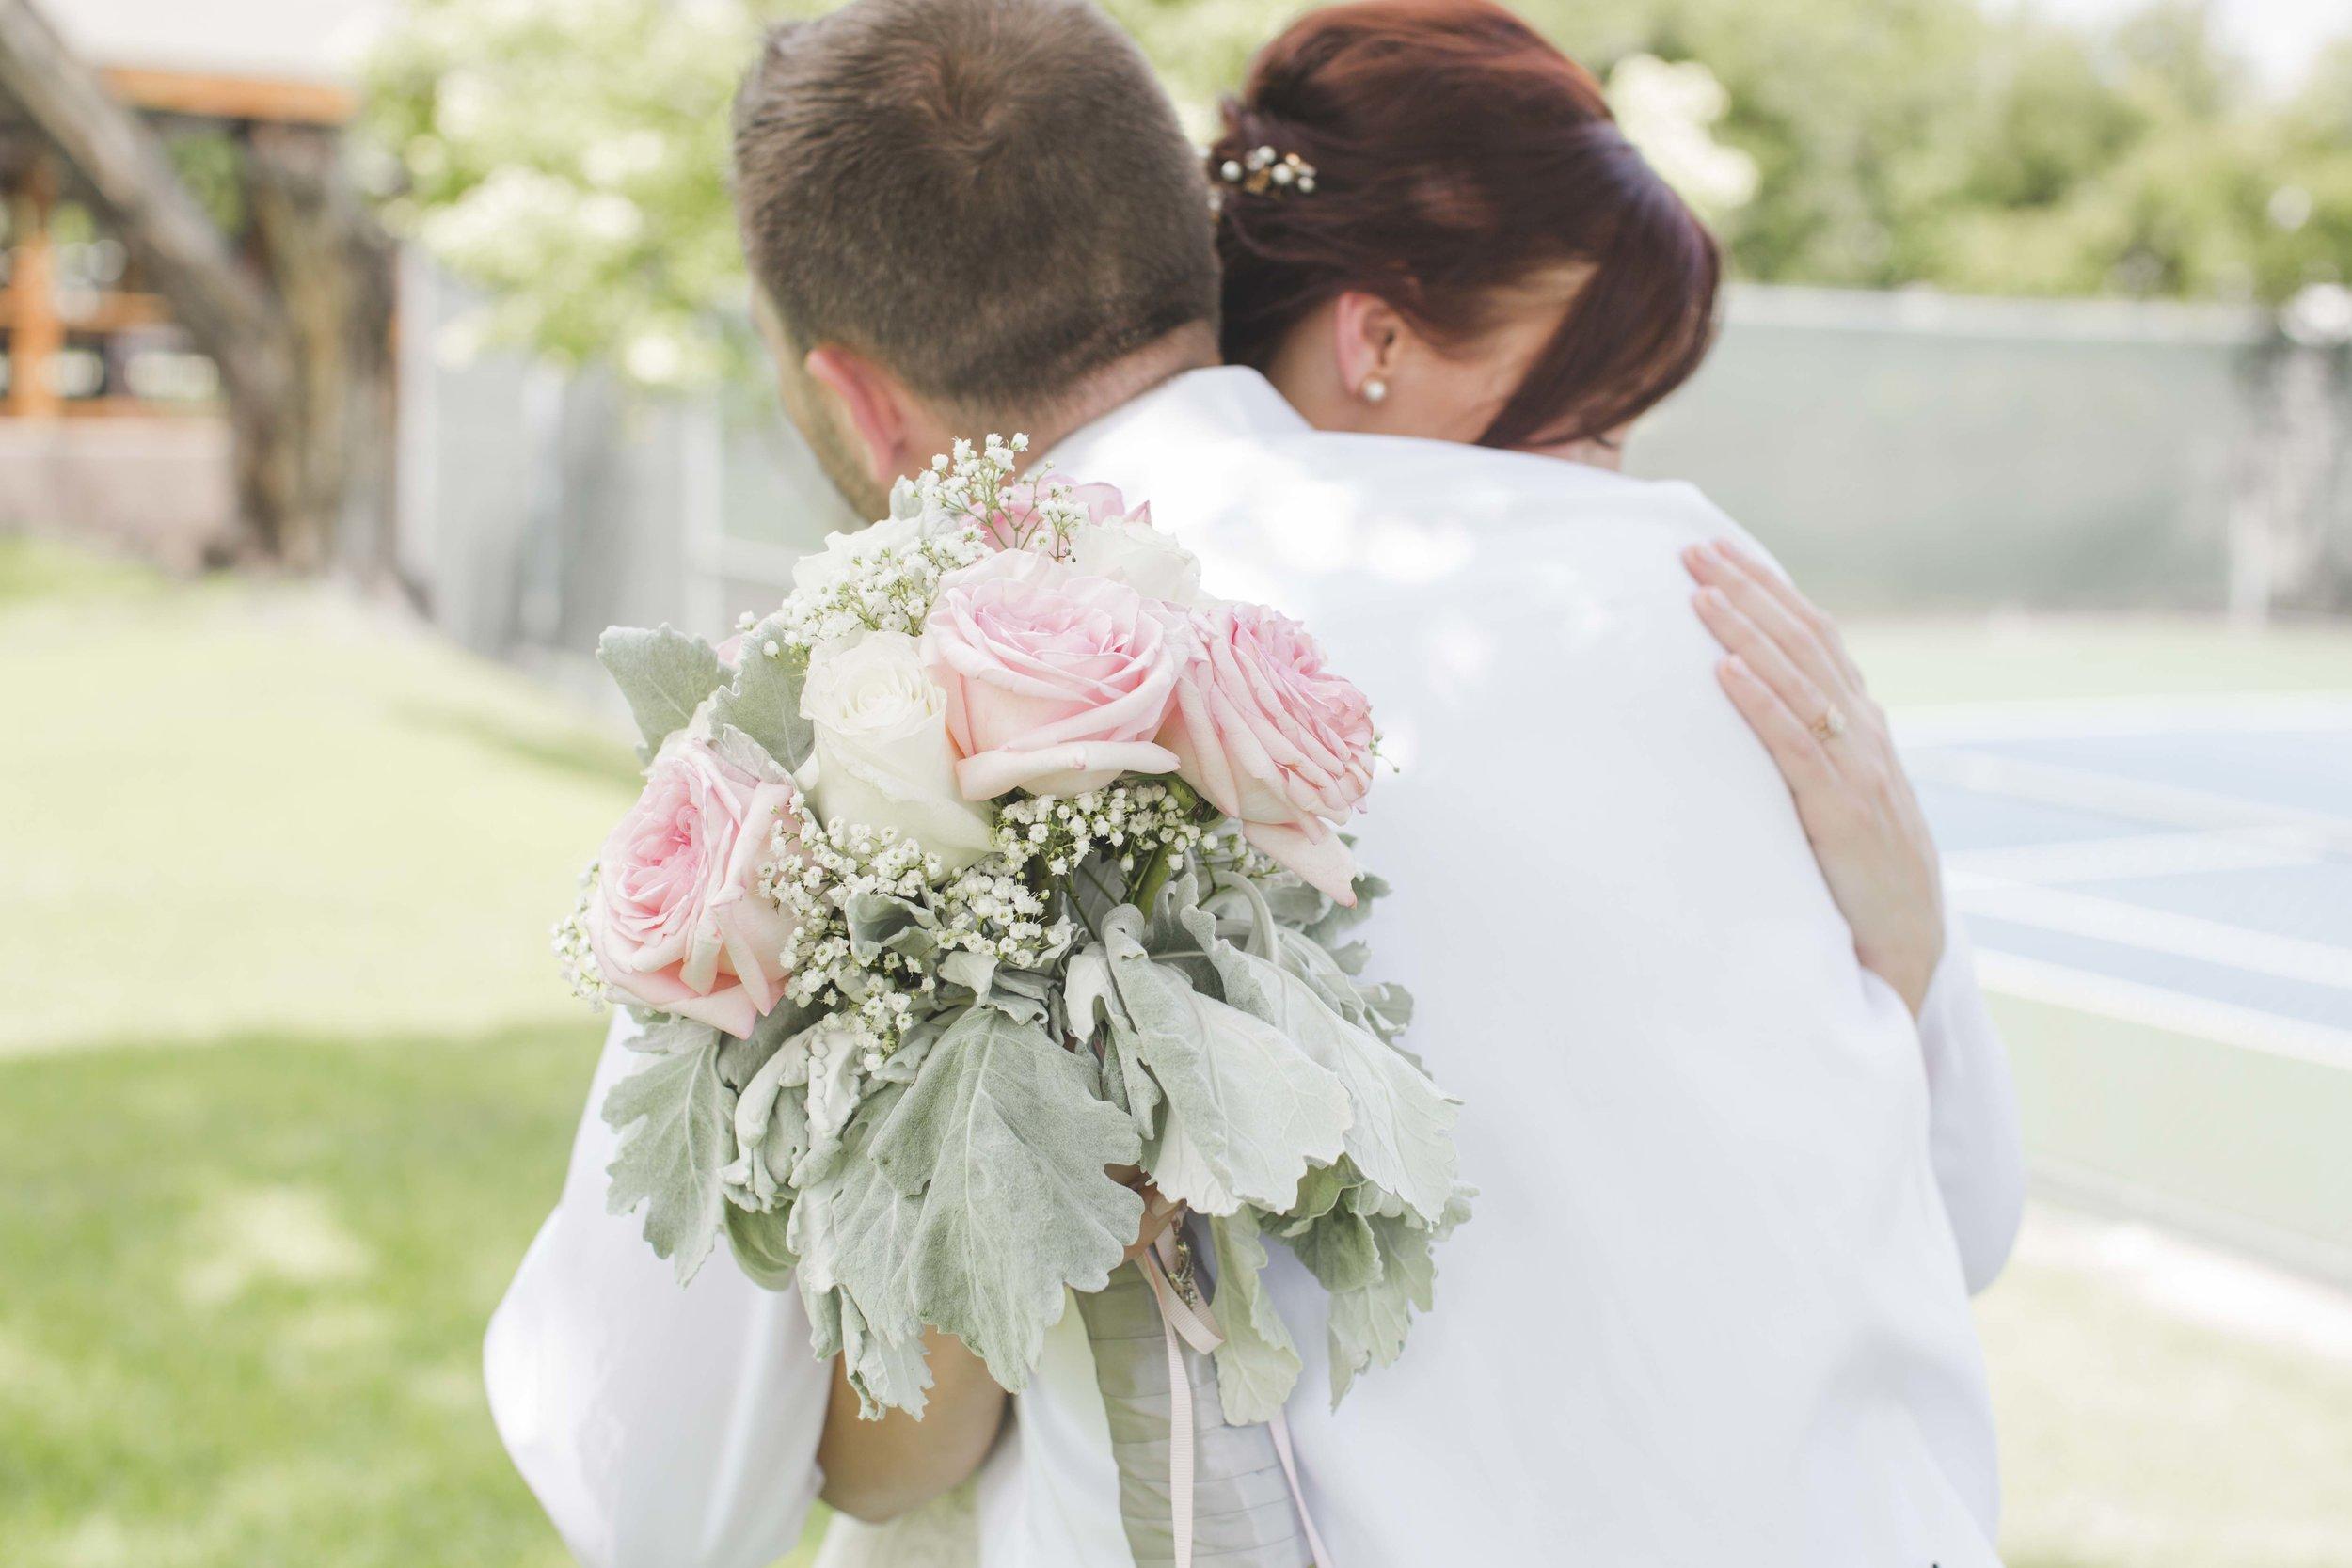 ATGI_Susanna & Matt Wedding_717A8300.jpg